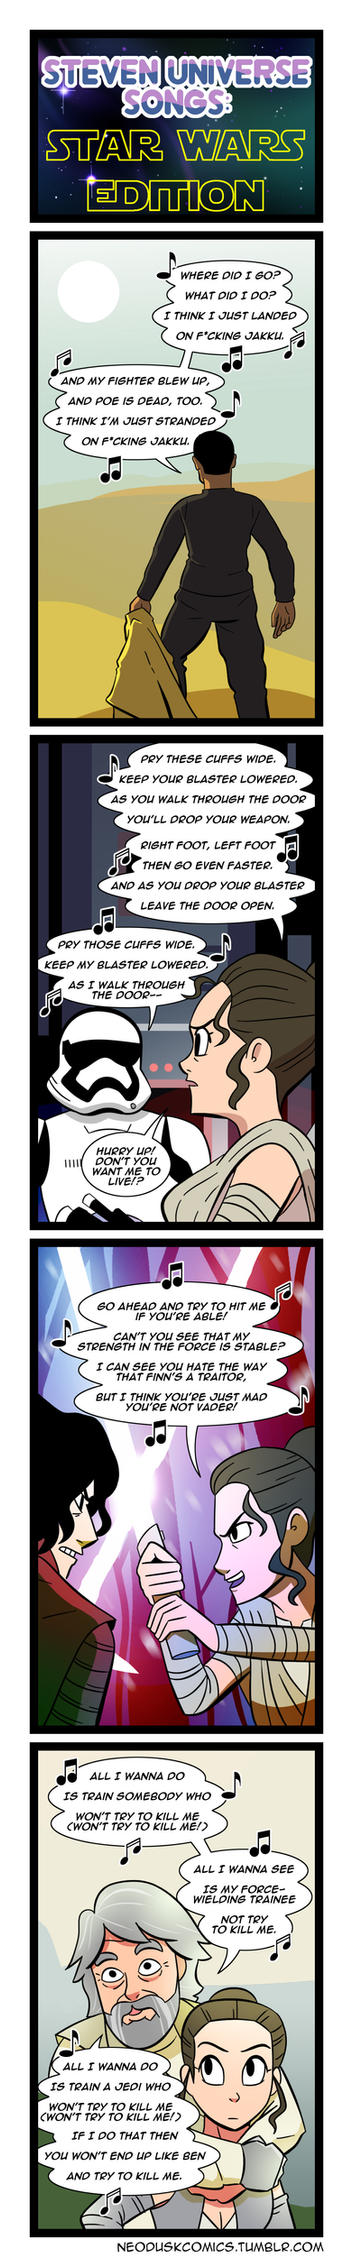 Star Wars x Steven Universe Medley by Neodusk